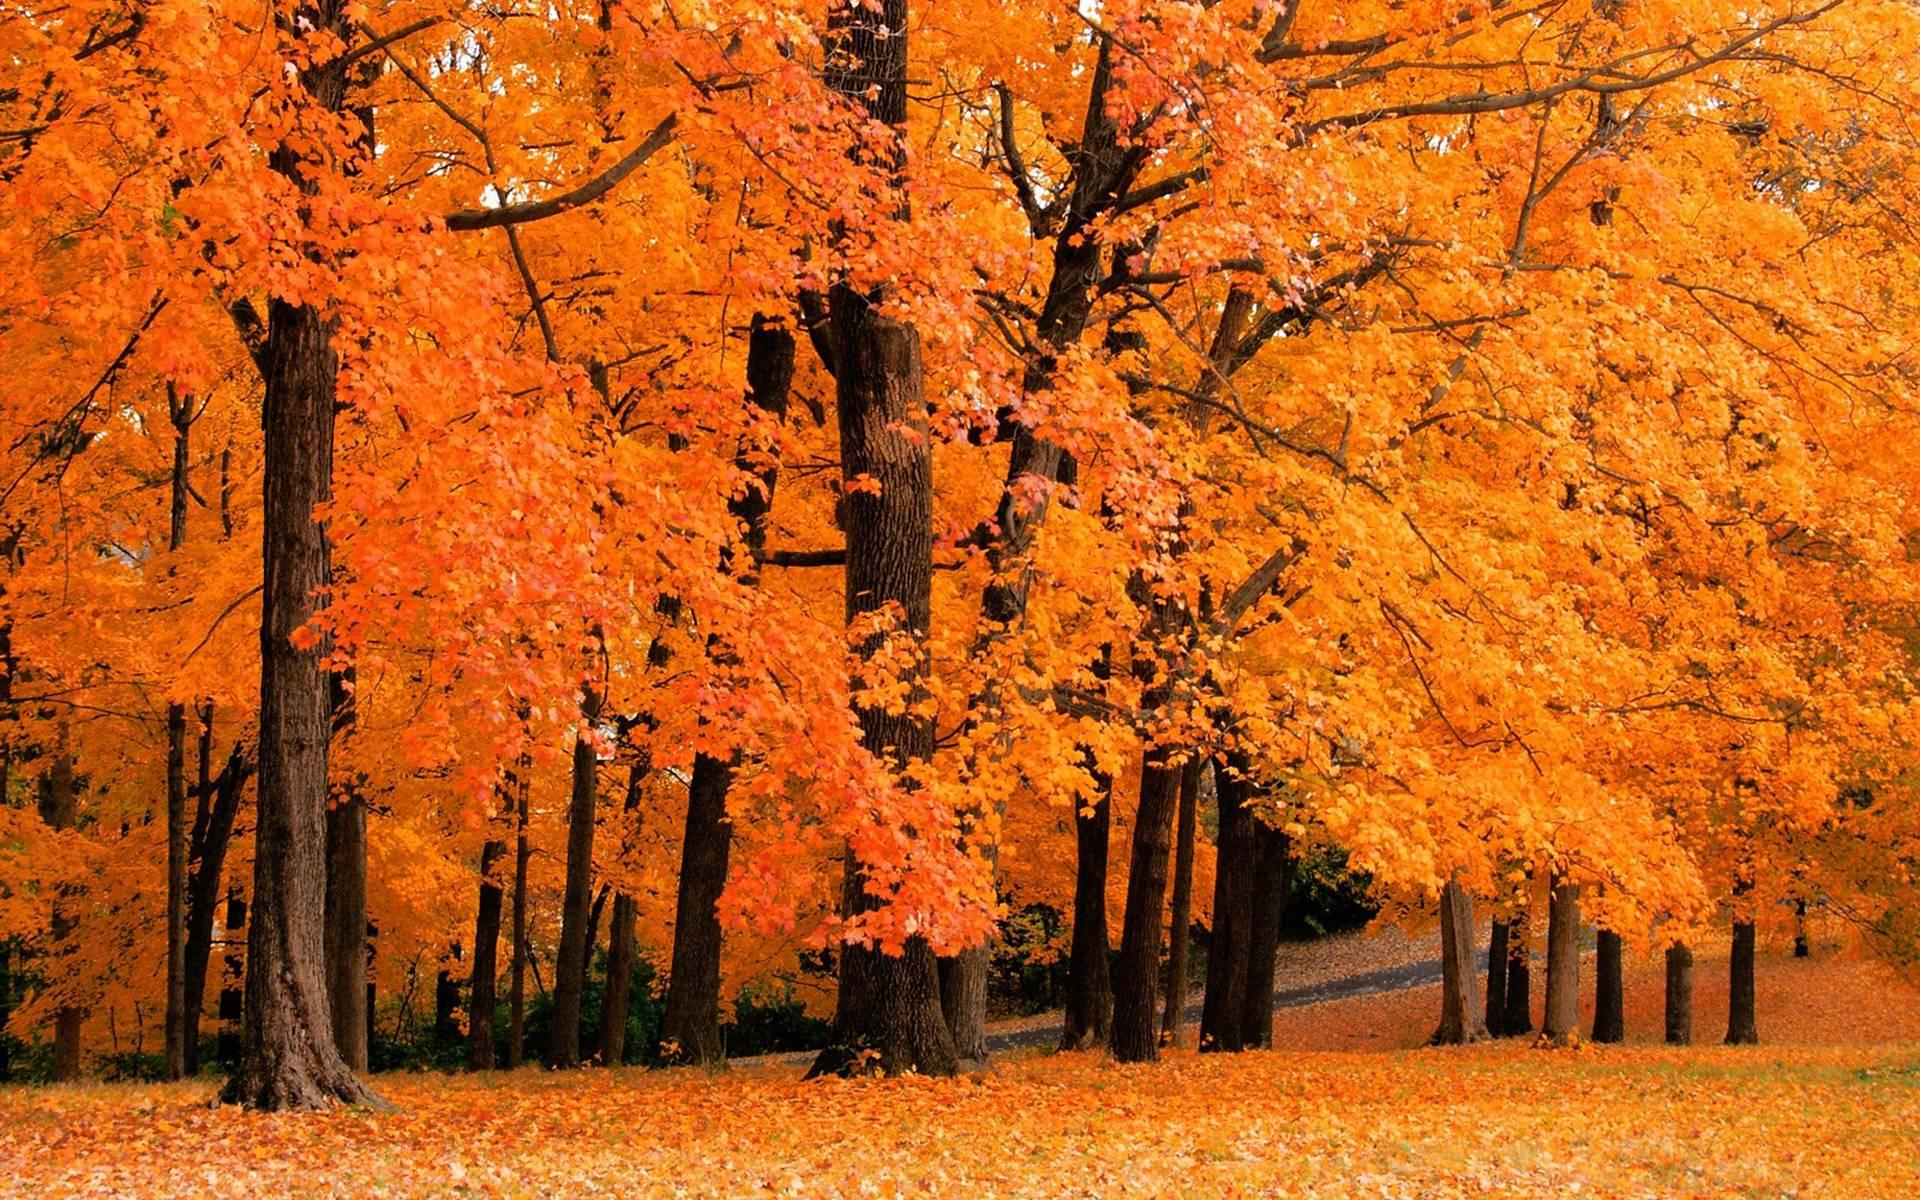 desktop wallpaper fall leaves   wwwwallpapers in hdcom 1920x1200